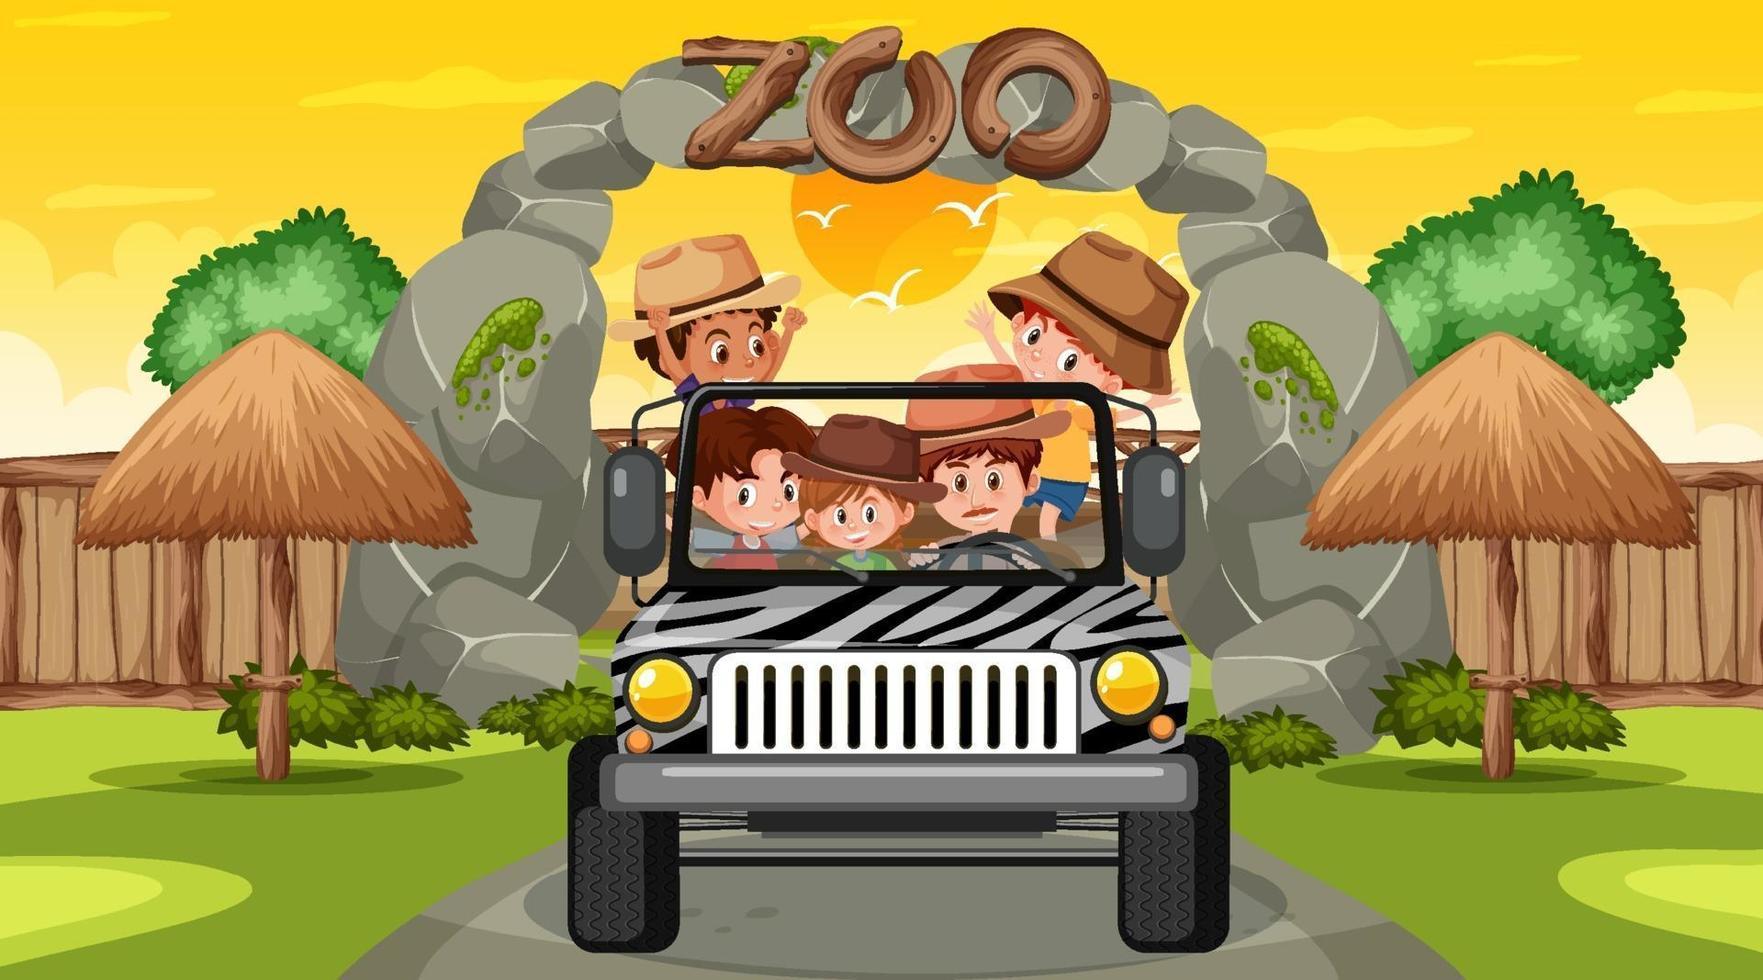 zoo alla scena del tramonto con molti bambini in una jeep vettore